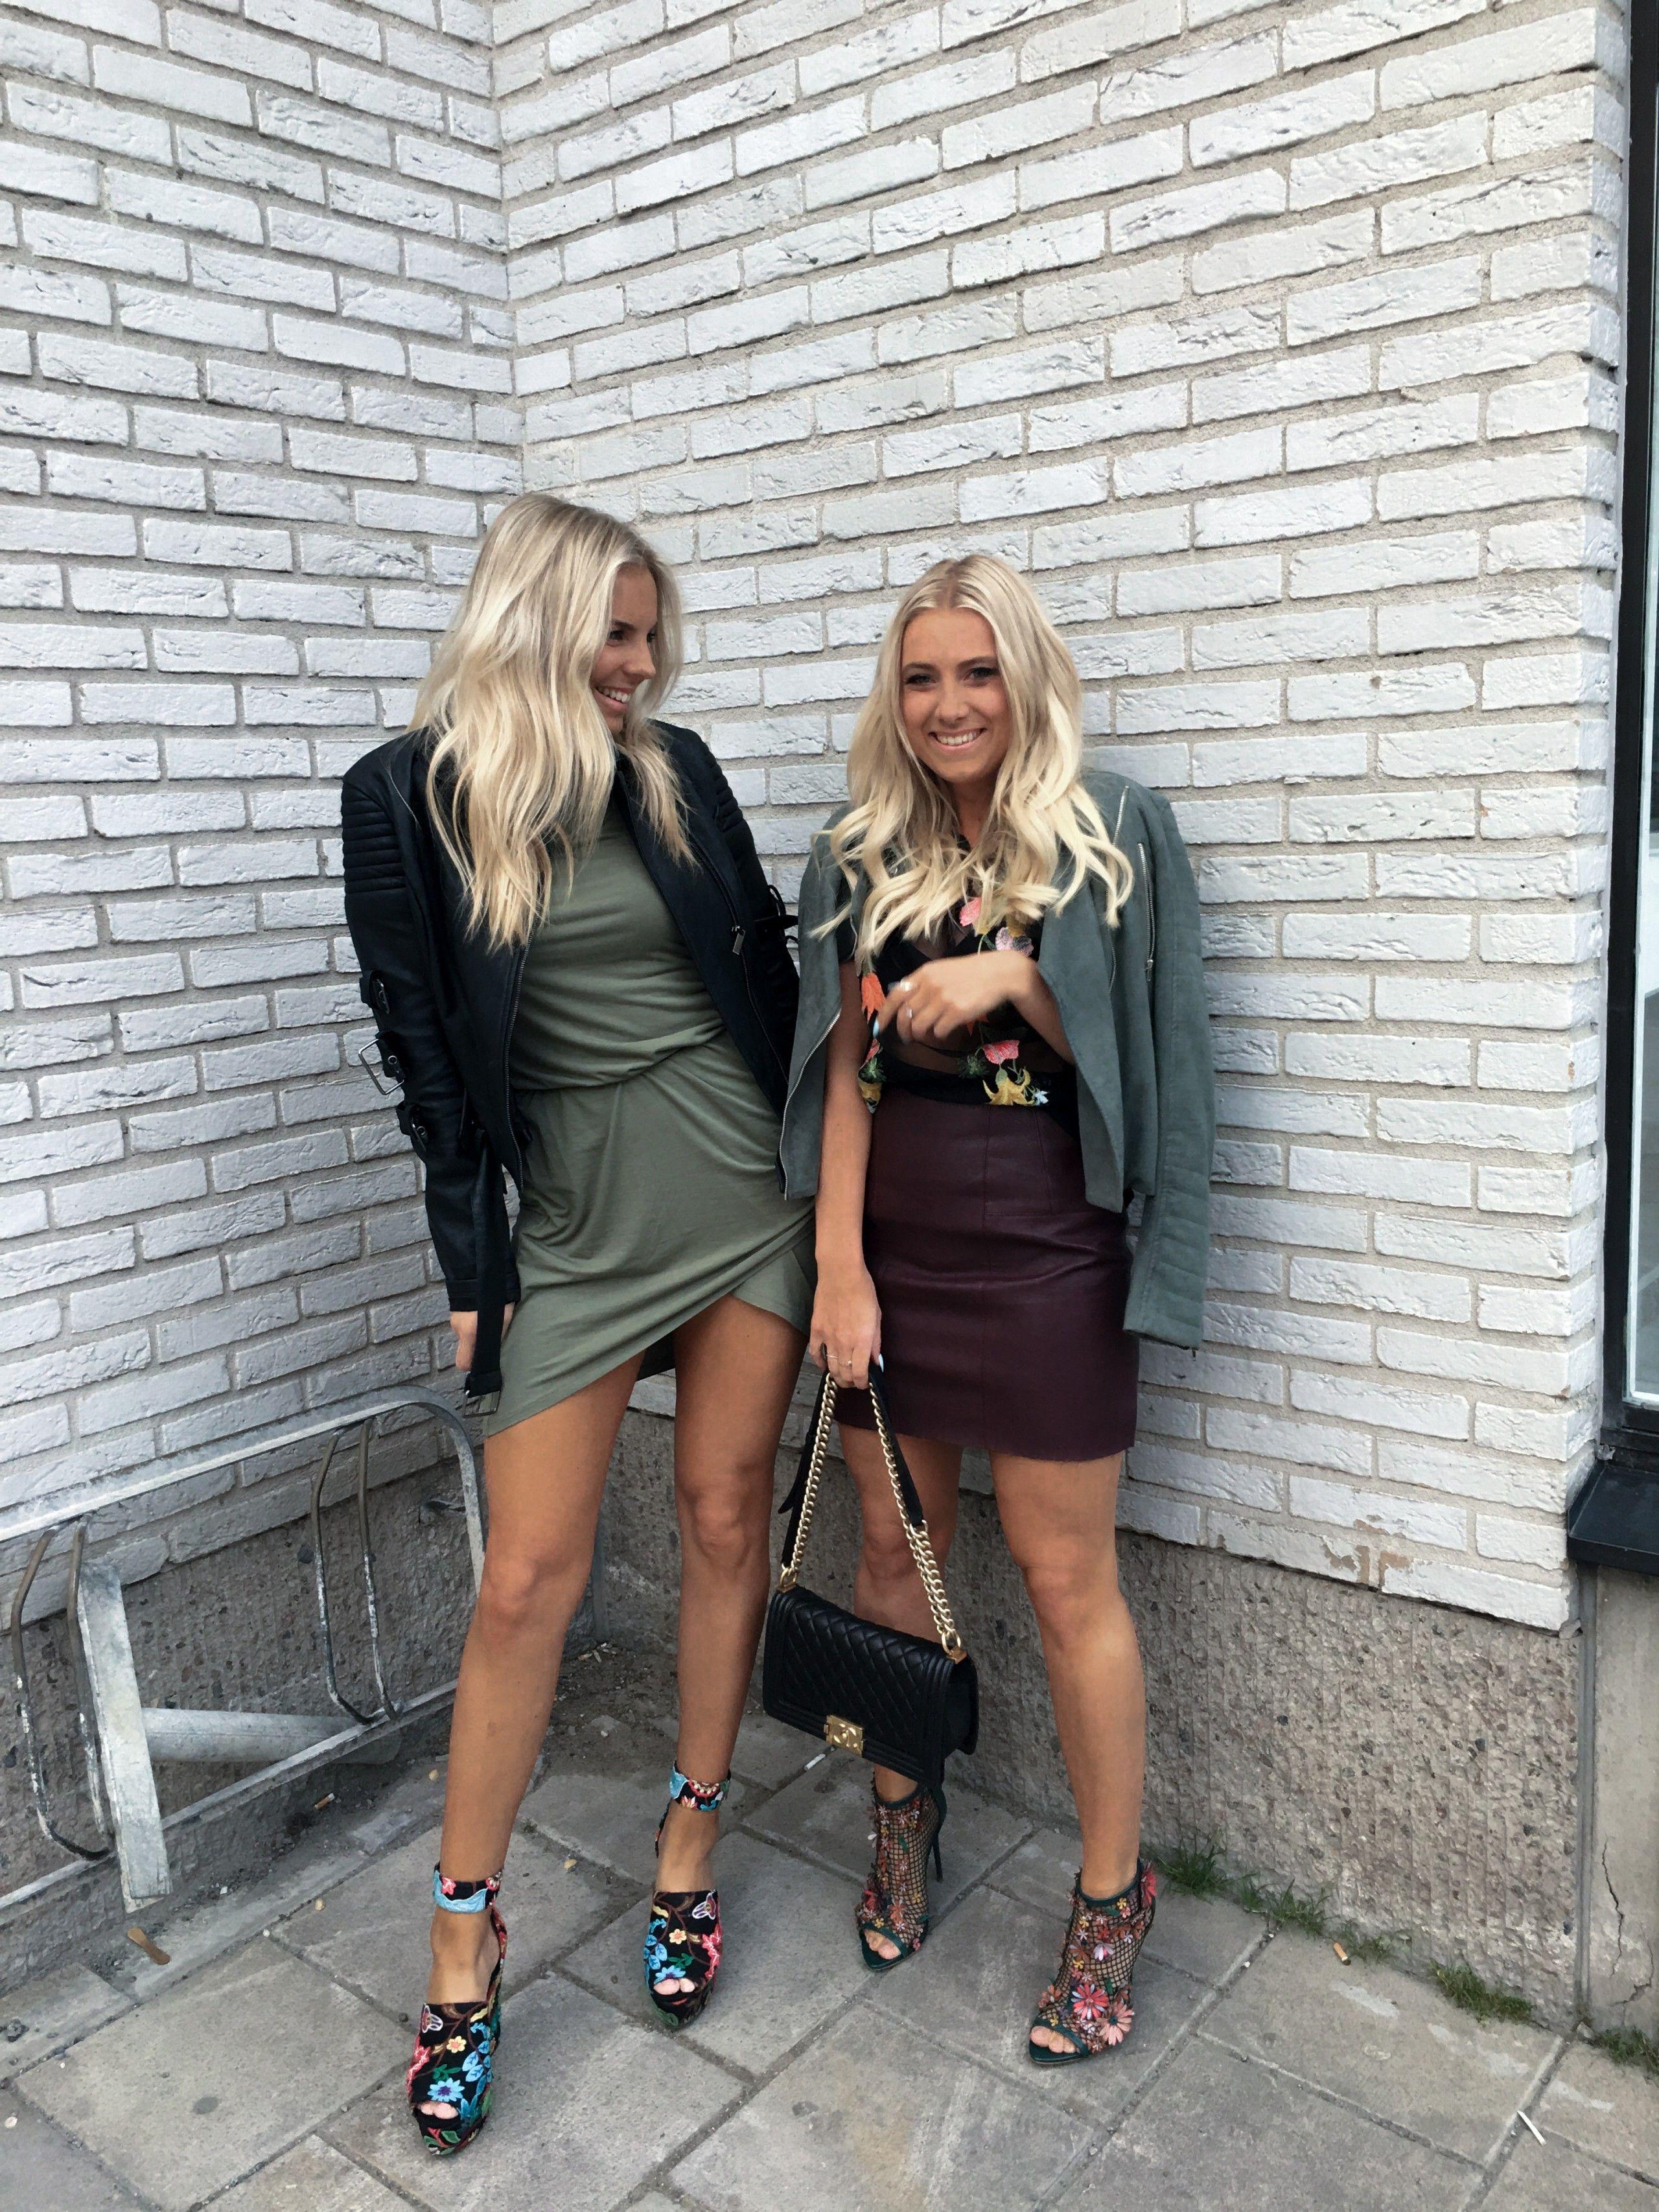 Nelly_-6 - Hanna Friberg